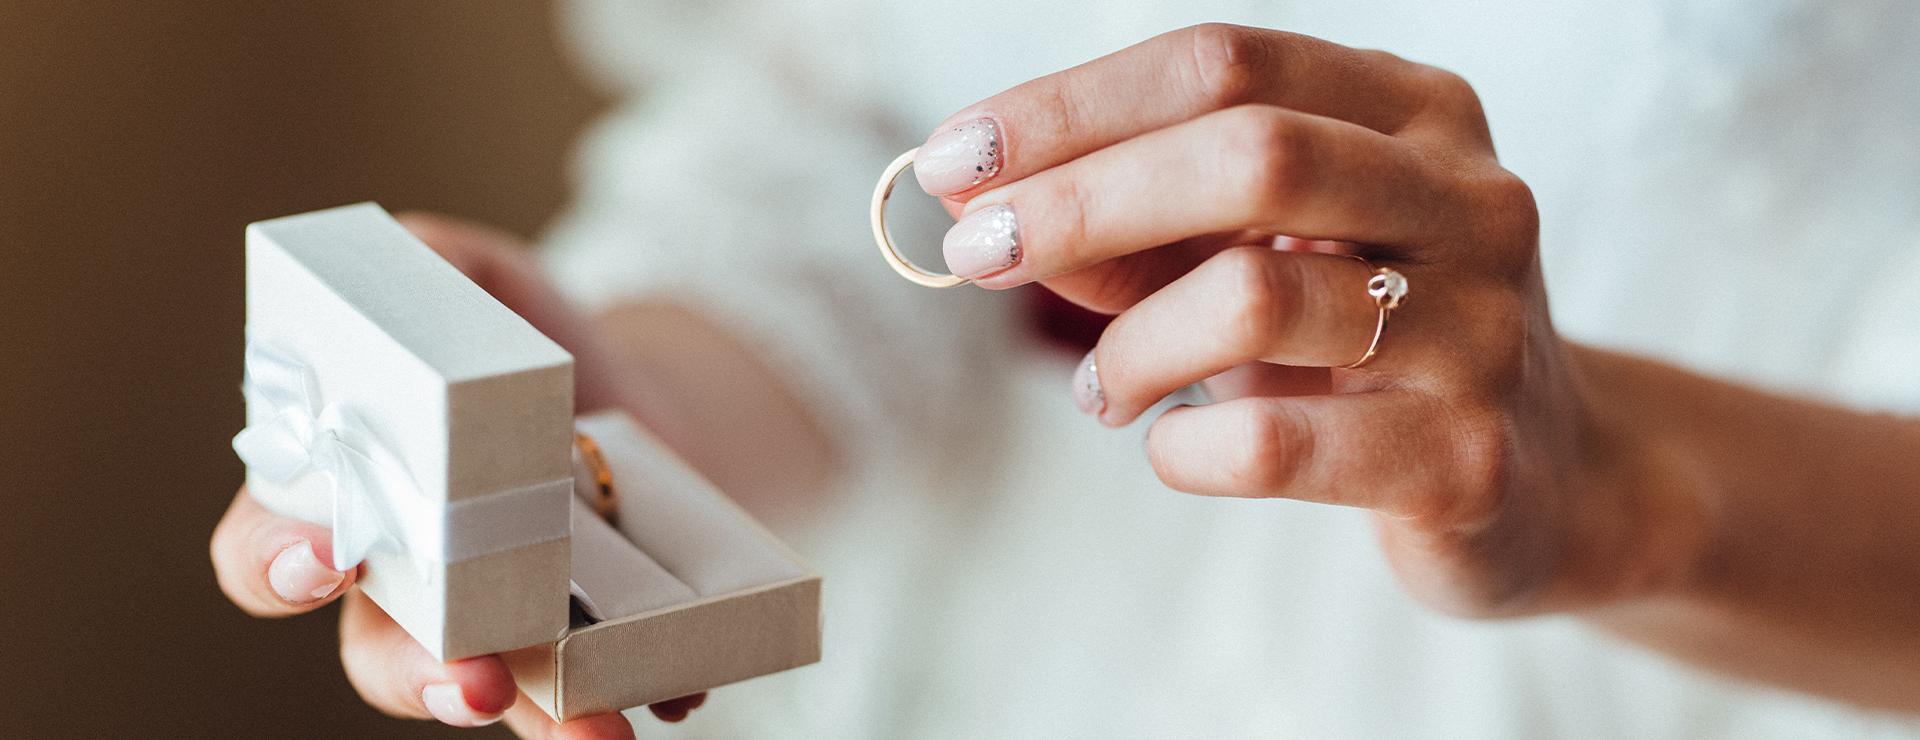 Schachtel für einen Ehering in der Hand